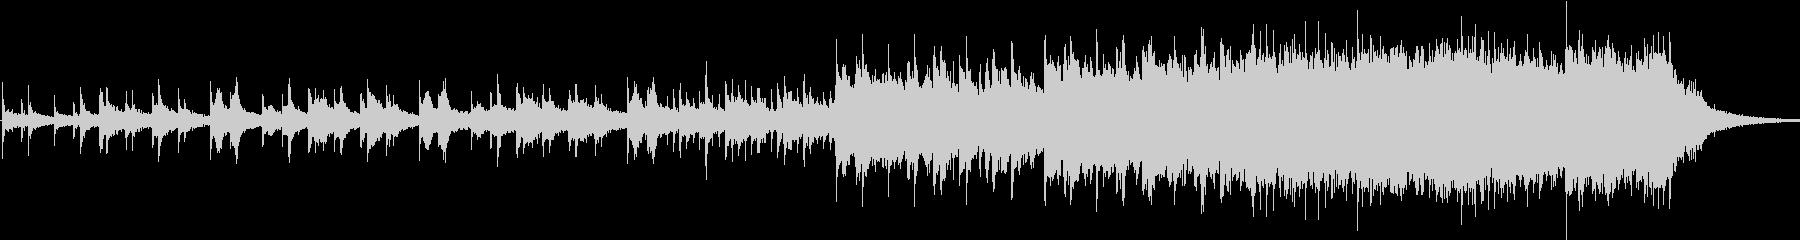 プログレッシブ 交響曲 荘厳 ファ...の未再生の波形